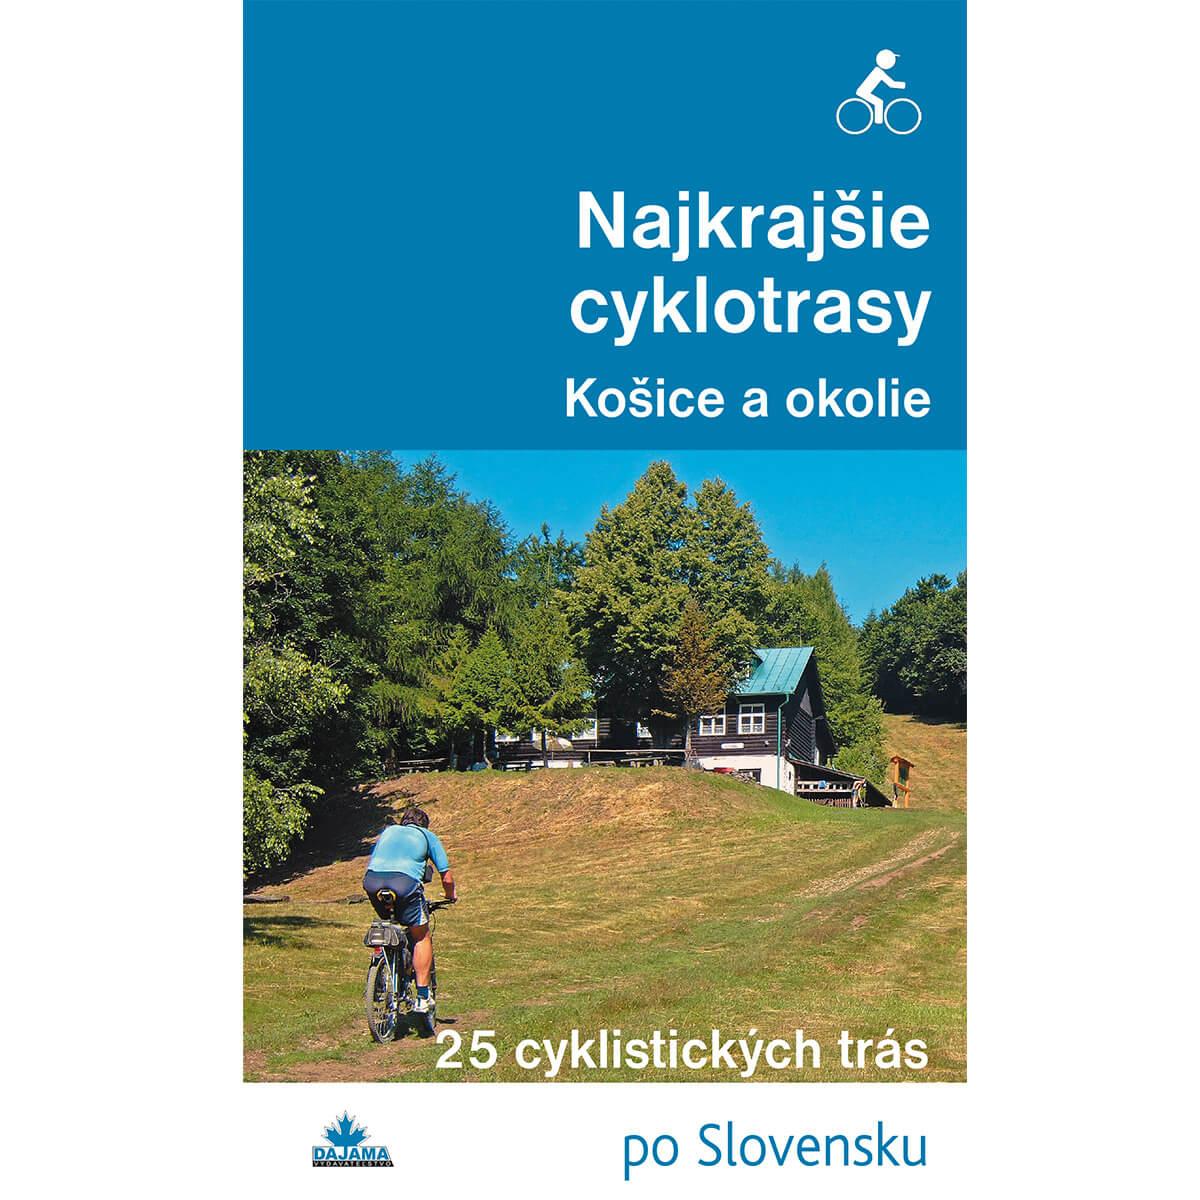 Kniha Najkrajšie cyklotrasy Košice a okolie - 25 cyklistických trás po Slovensku z vydavateľstva Dajama